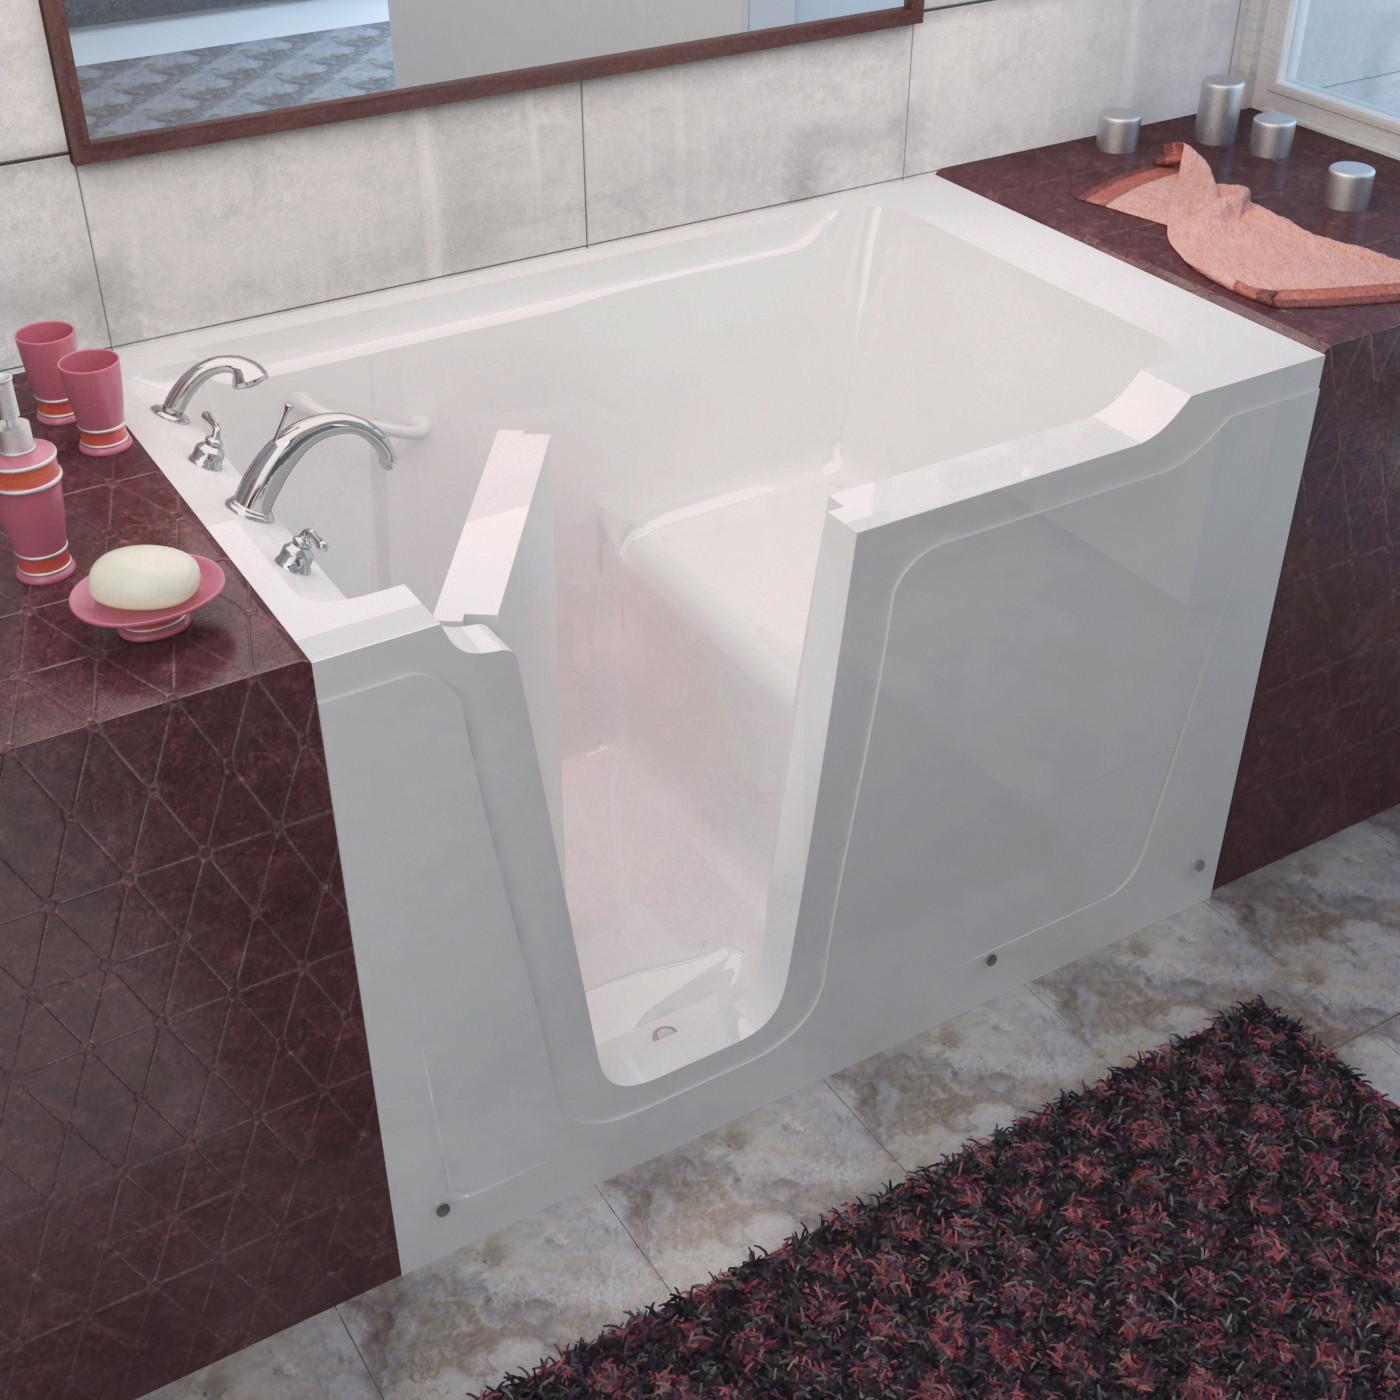 MediTub 3660LWS Walk-In 36 x 60 Left Drain White Soaking Bathtub